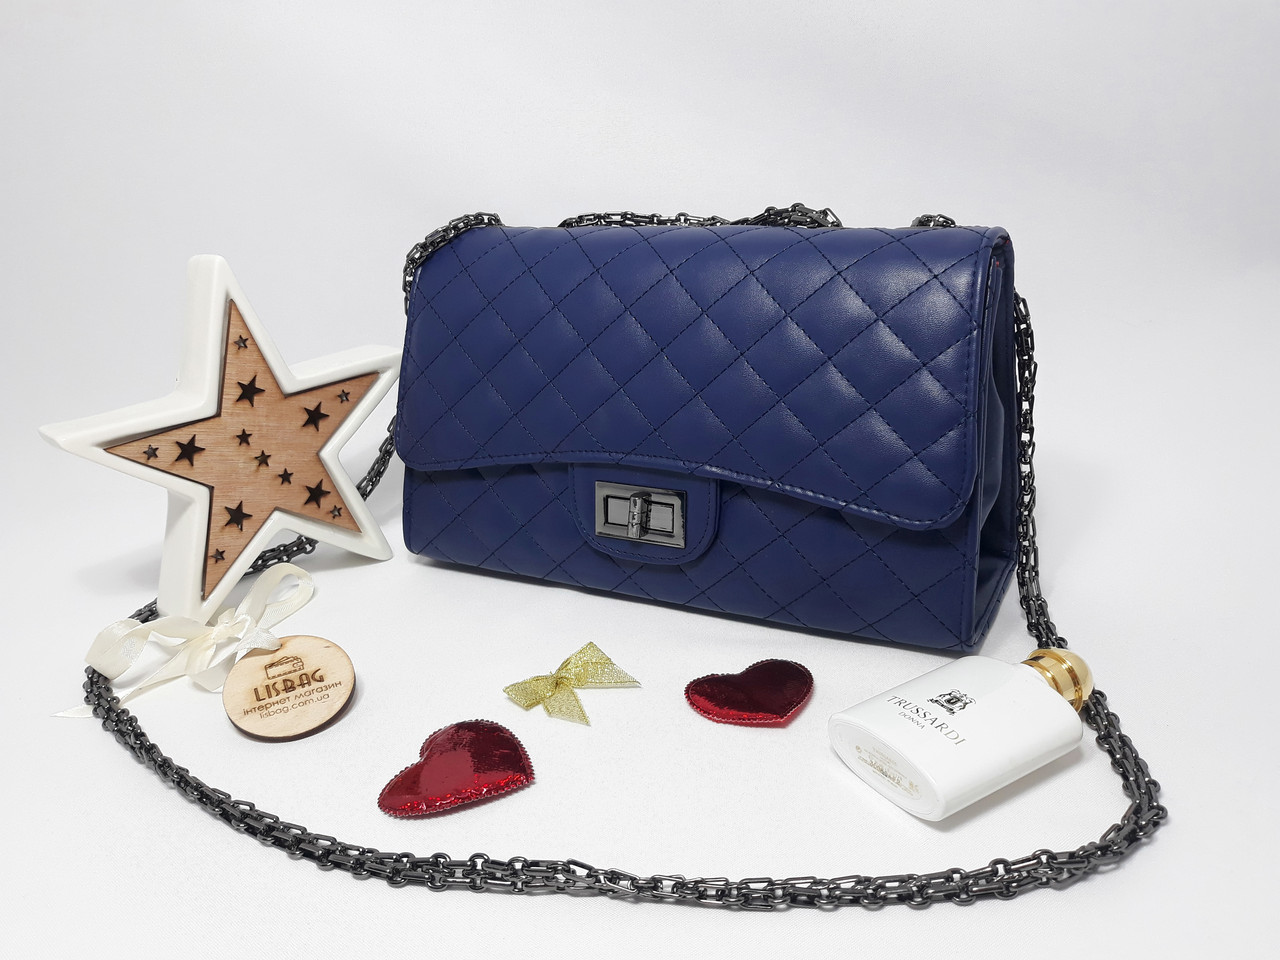 6b688e51e507 Женская сумка через плечо, люкс копия темно-синяя - Интернет магазин Lisbag  в Умани